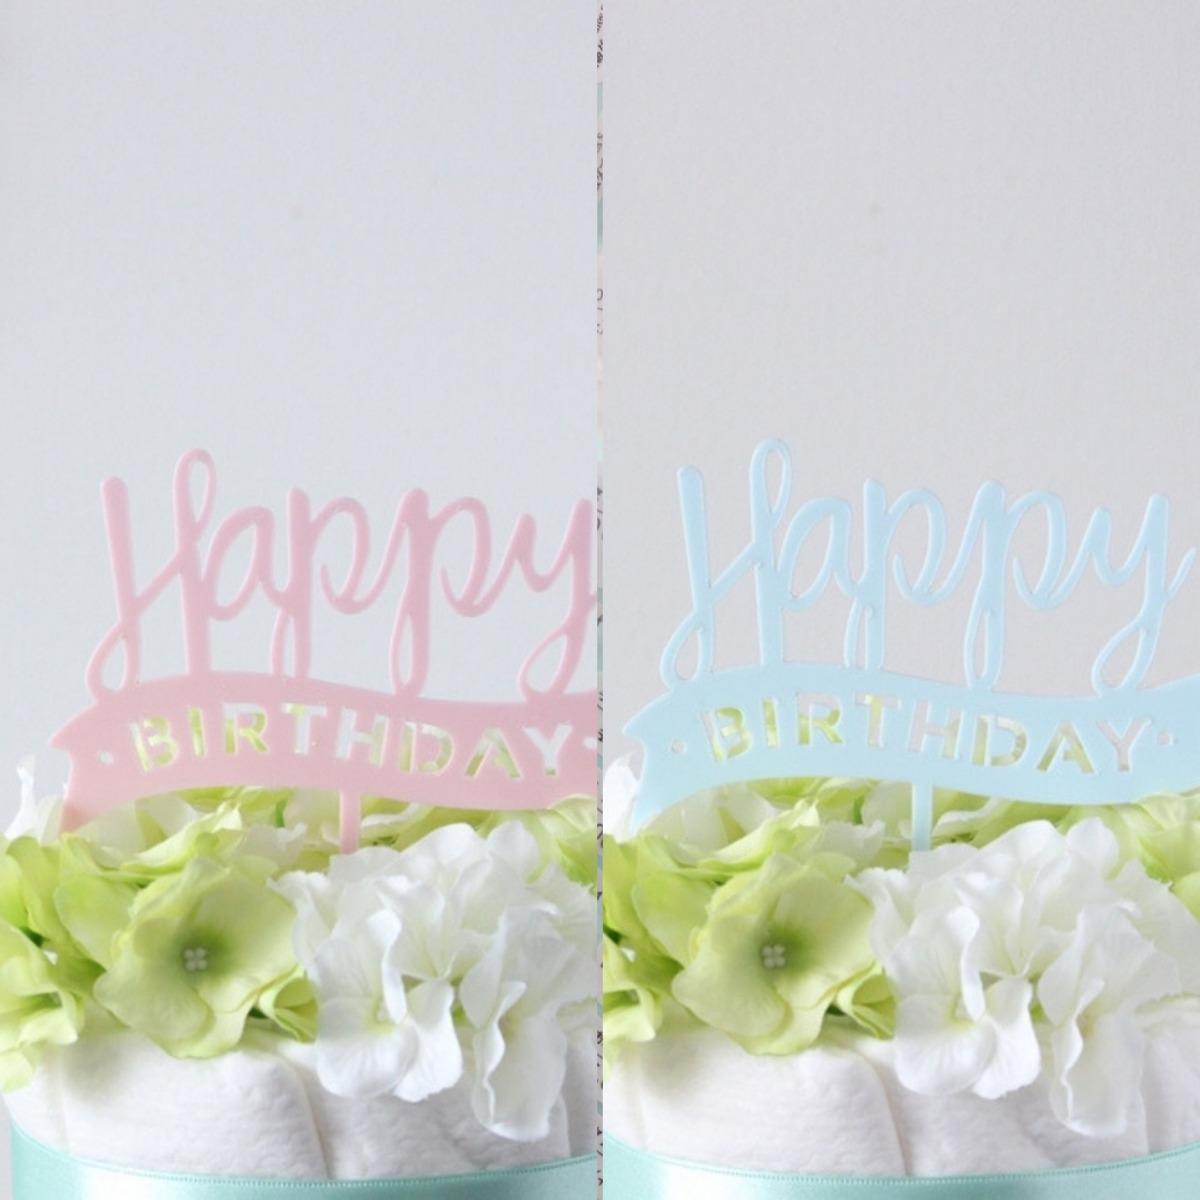 【パーティアイテム】ケーキトッパー HAPPY BIRTHDAY リボン